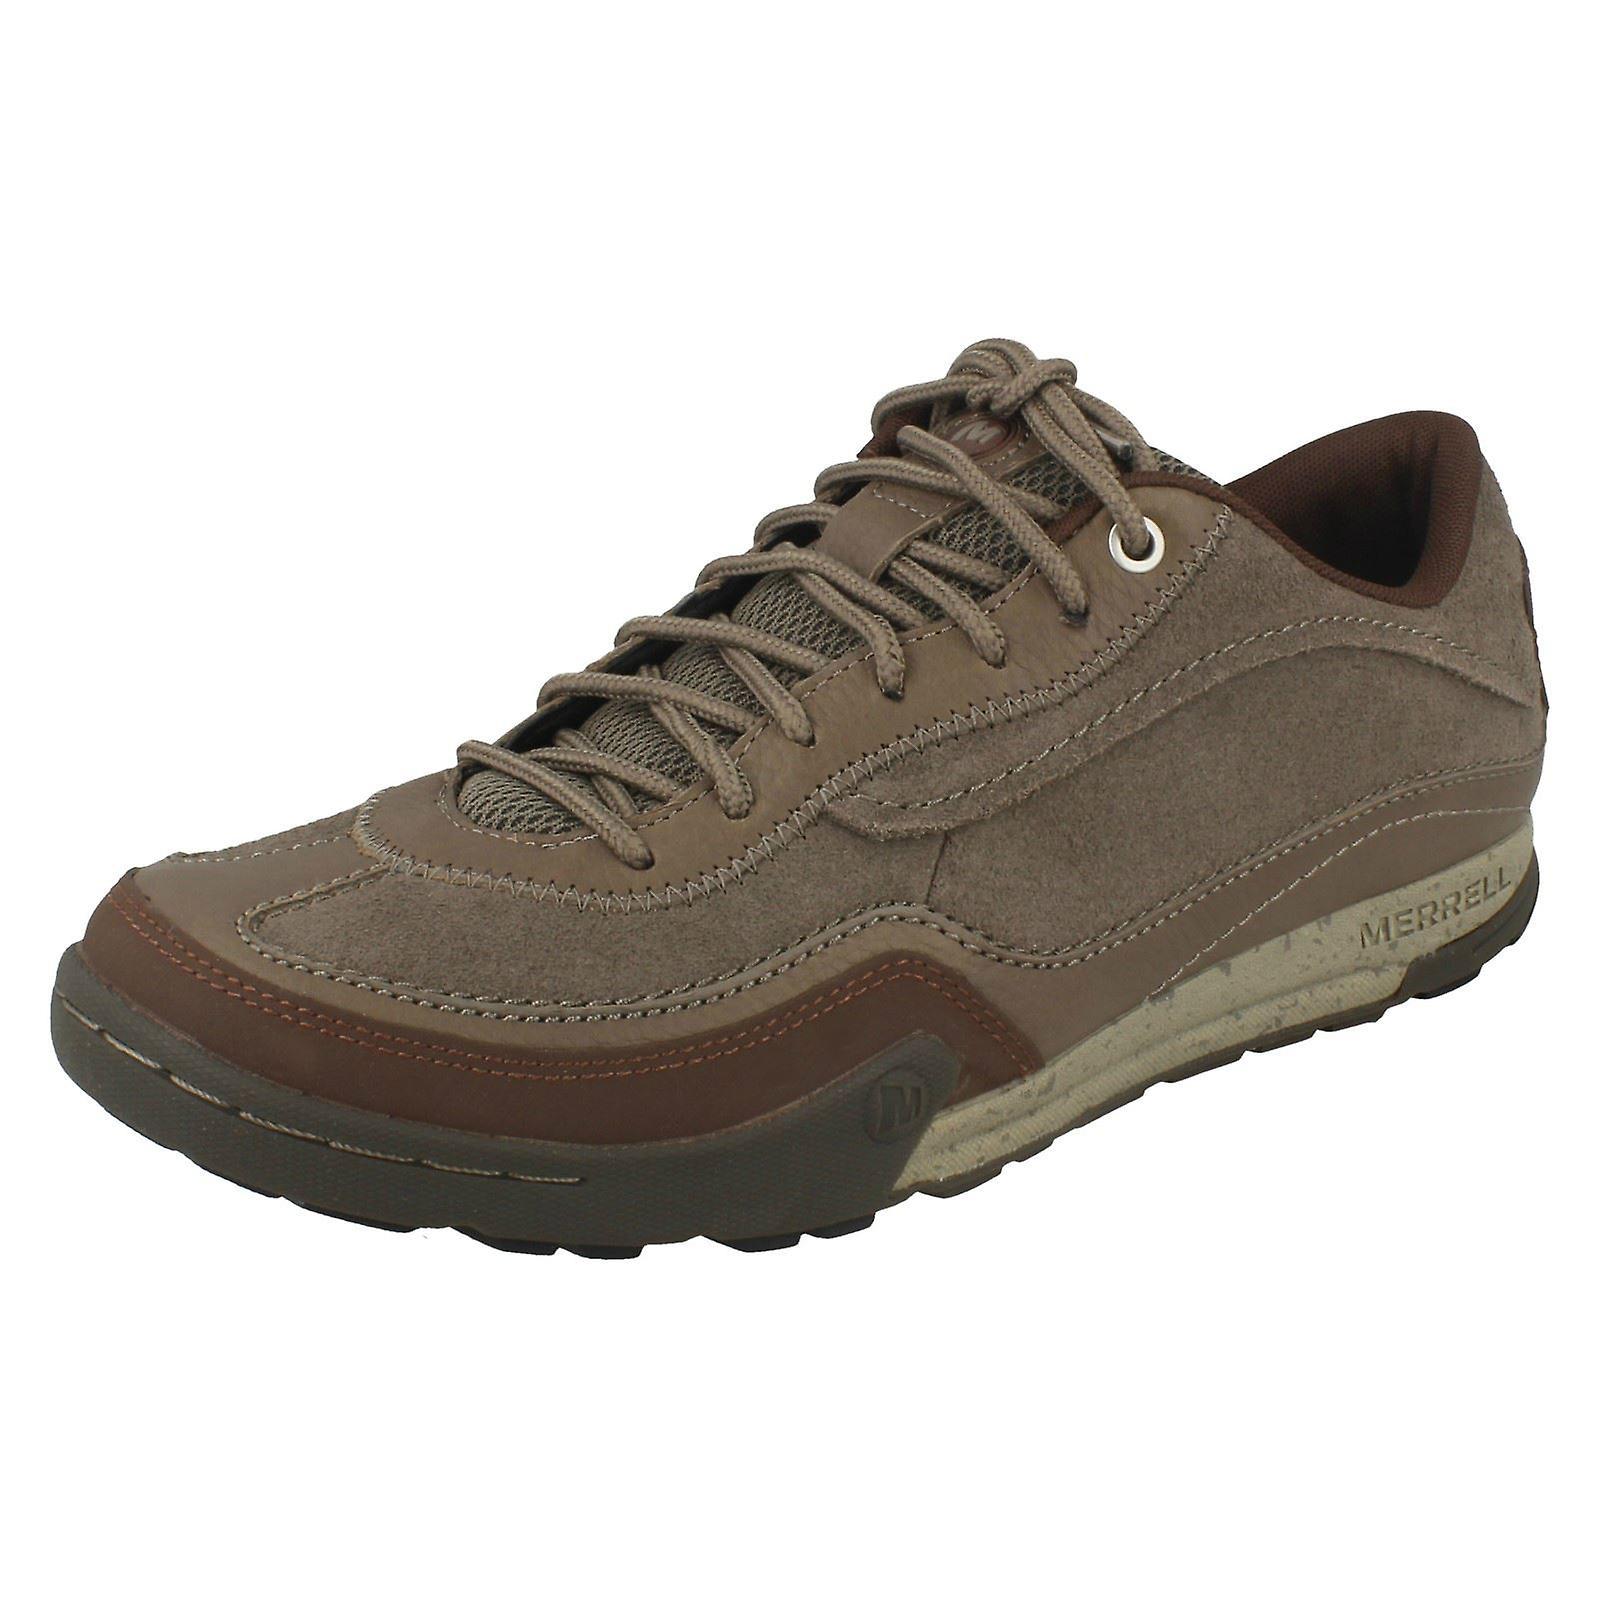 Mens Merrell Casual scarpe montagna Diggs | Prestazioni Superiori  | Scolaro/Signora Scarpa